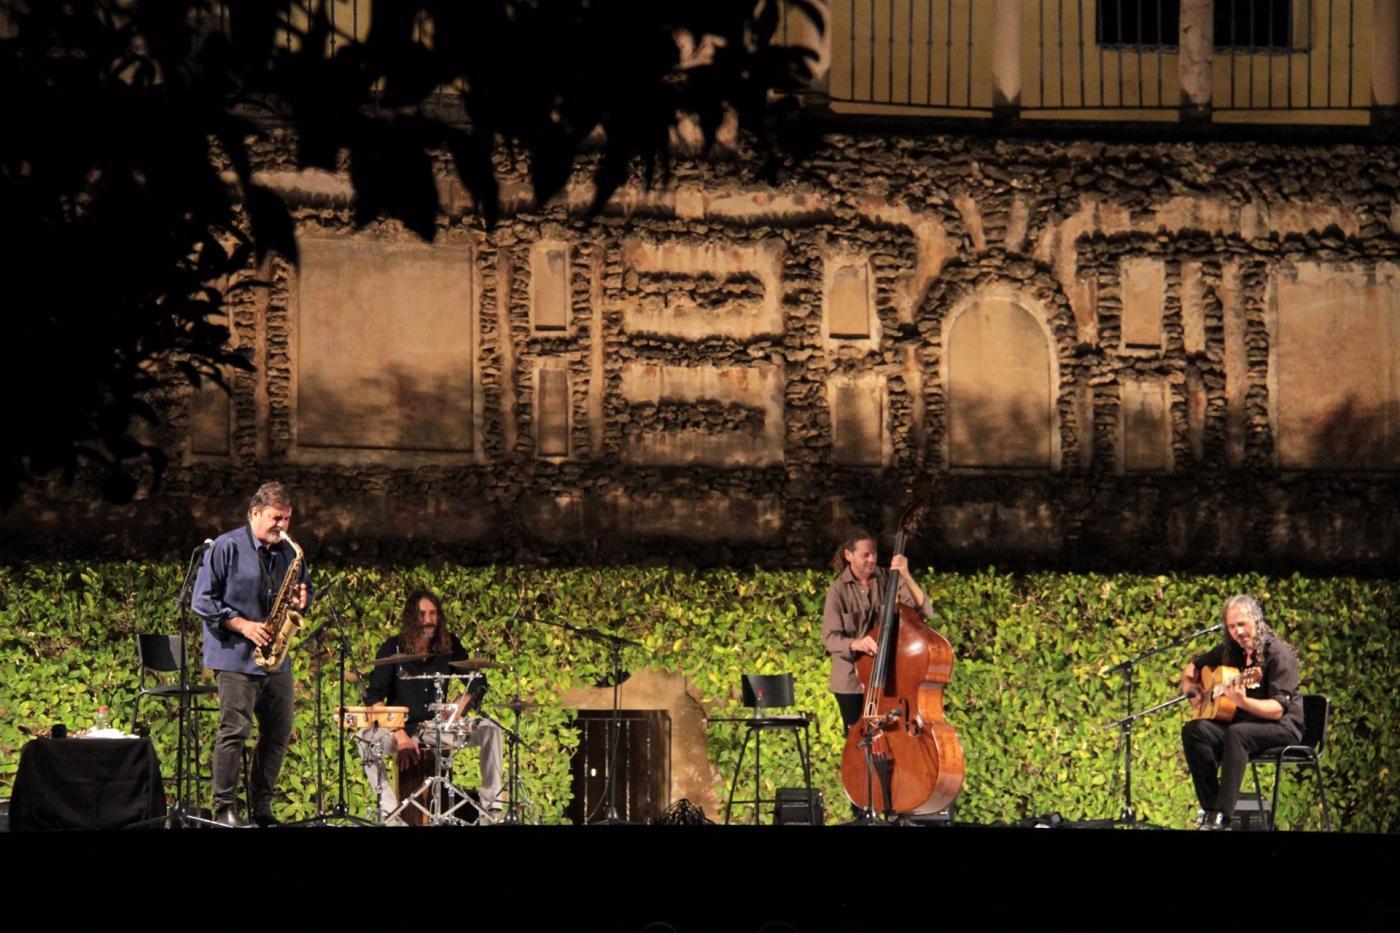 Éxito de asistencia a los conciertos nocturnos en el Alcázar de Sevilla